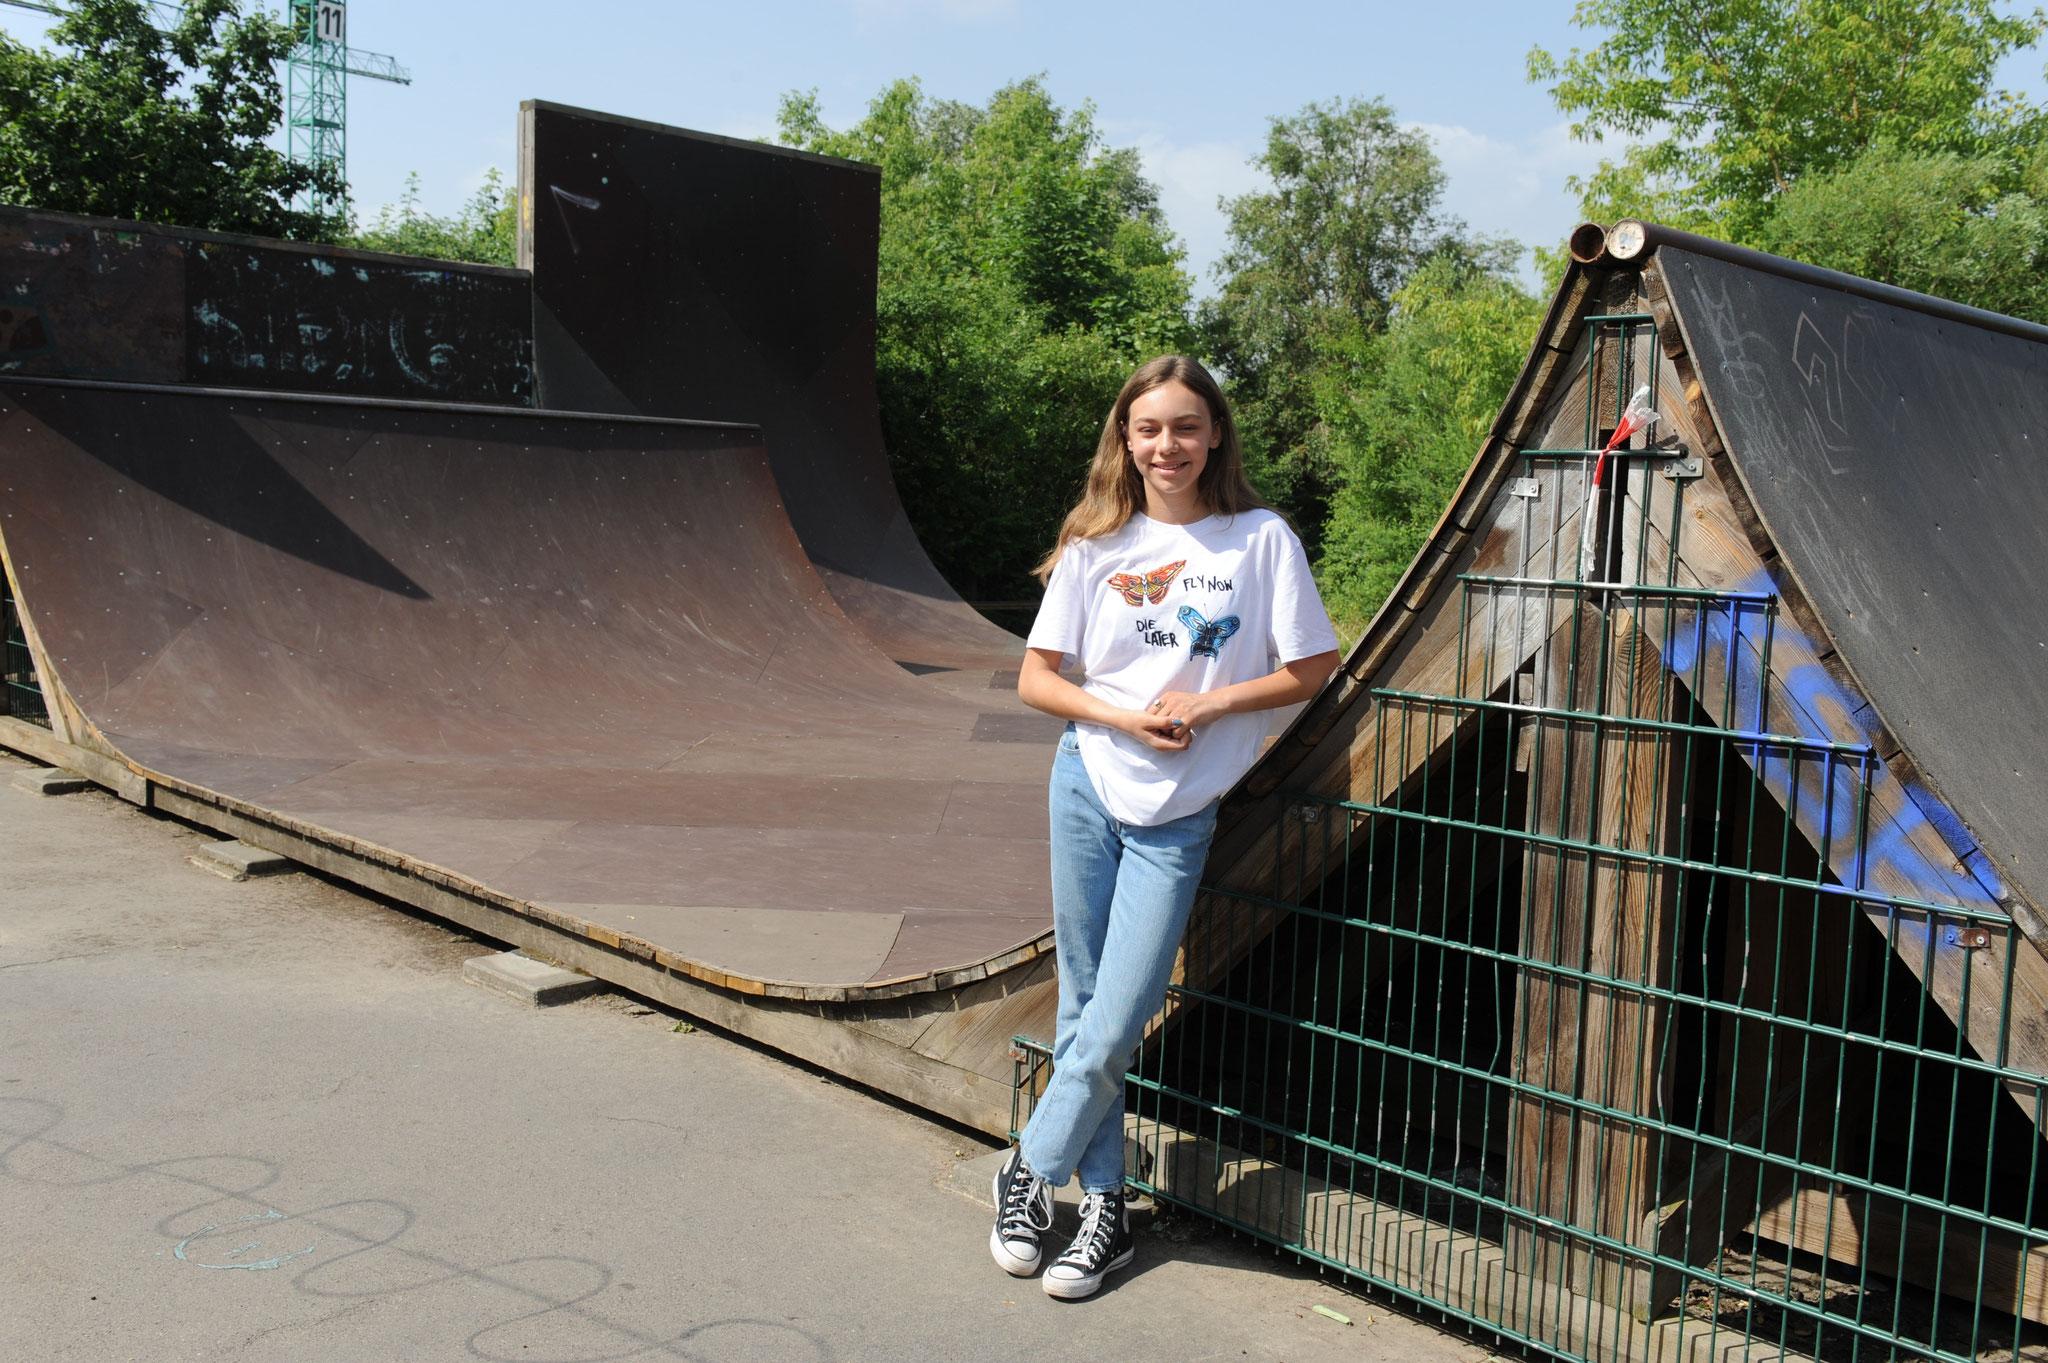 Skateboarderin Lilly Stoephasius hat sich für die Olympischen Spiele qualifiziert. © pressefoto-uhlemann.de